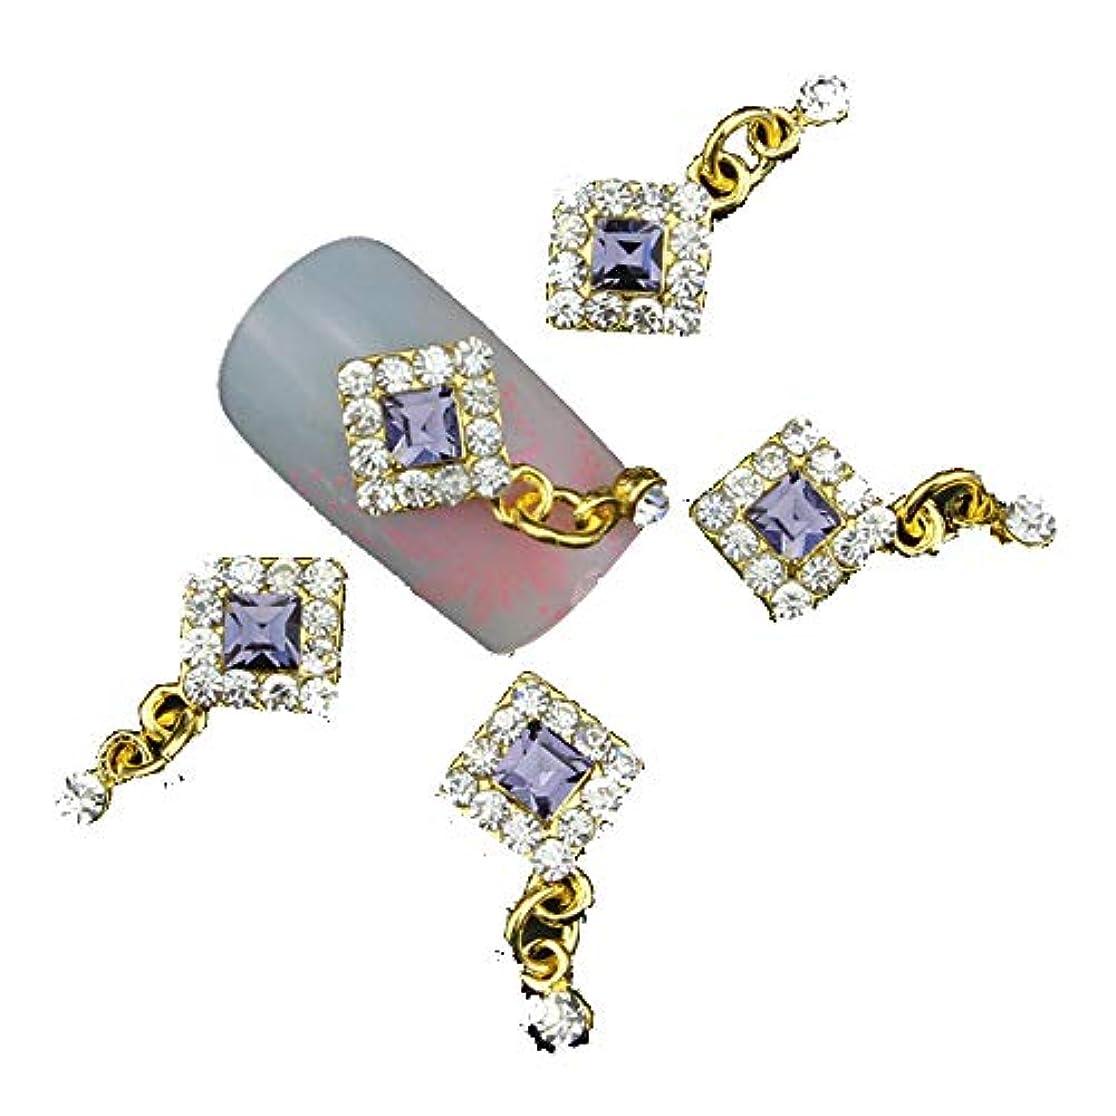 ラッシュライブ手を差し伸べるラインストーン付きグリッターカラフルな3Dネイルアートの装飾、ネイルジェル/ポーランドツール用合金ネイルチャームジュエリー10PC